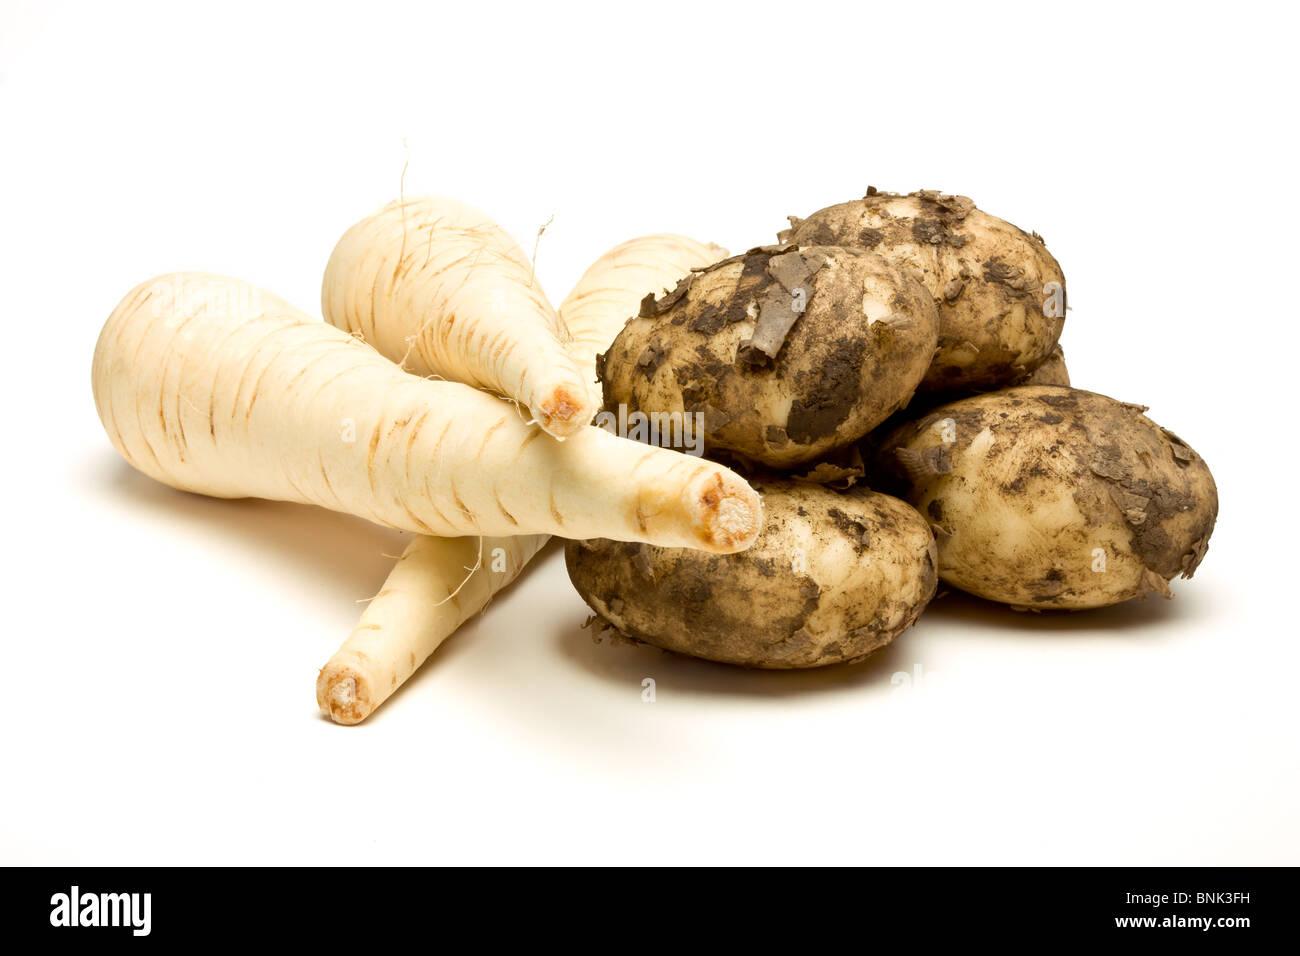 Hortalizas de raíz de alcachofa y patatas nuevas desde la perspectiva baja aisladas contra un fondo blanco. Imagen De Stock